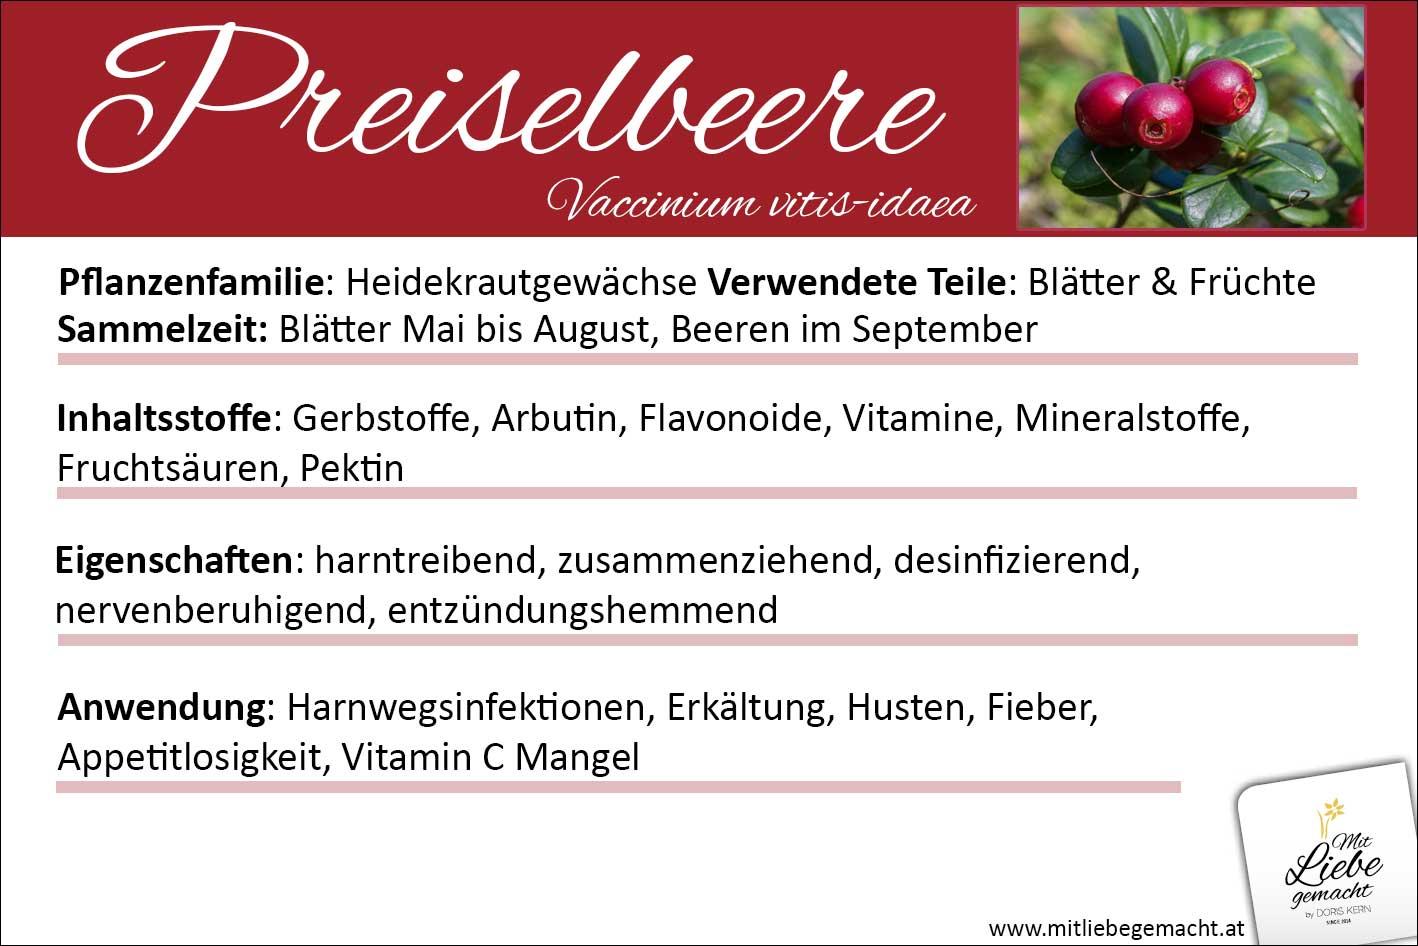 Preiselbeere Lernkarte Kräuterwissen